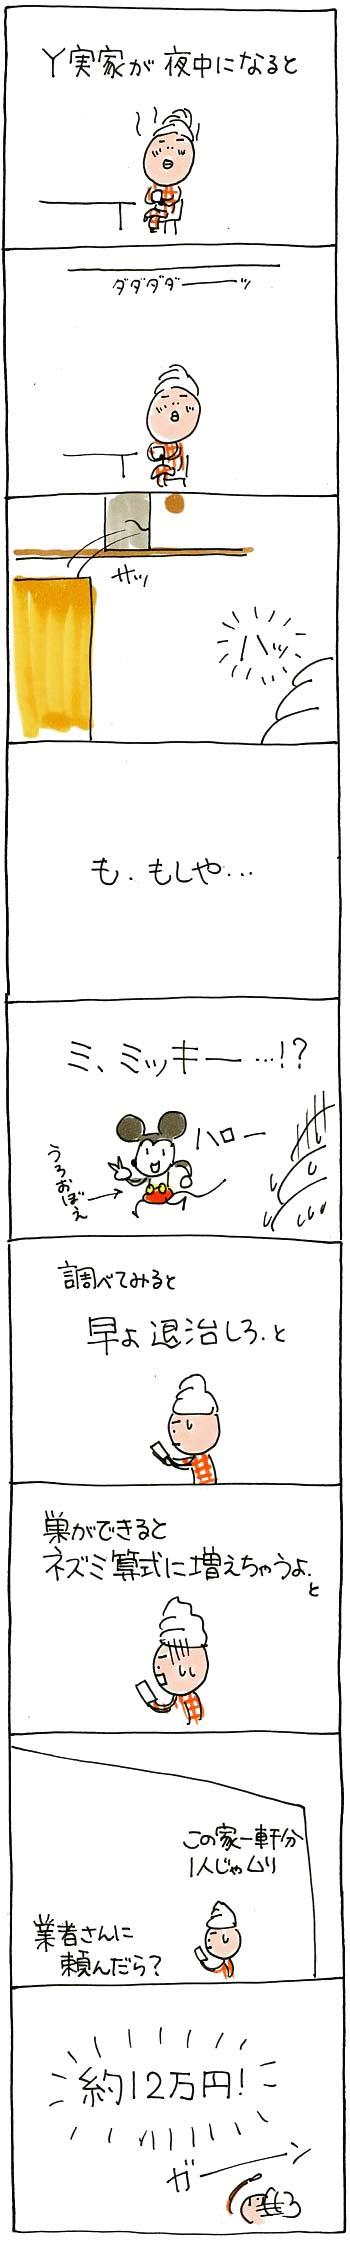 ネズミ01